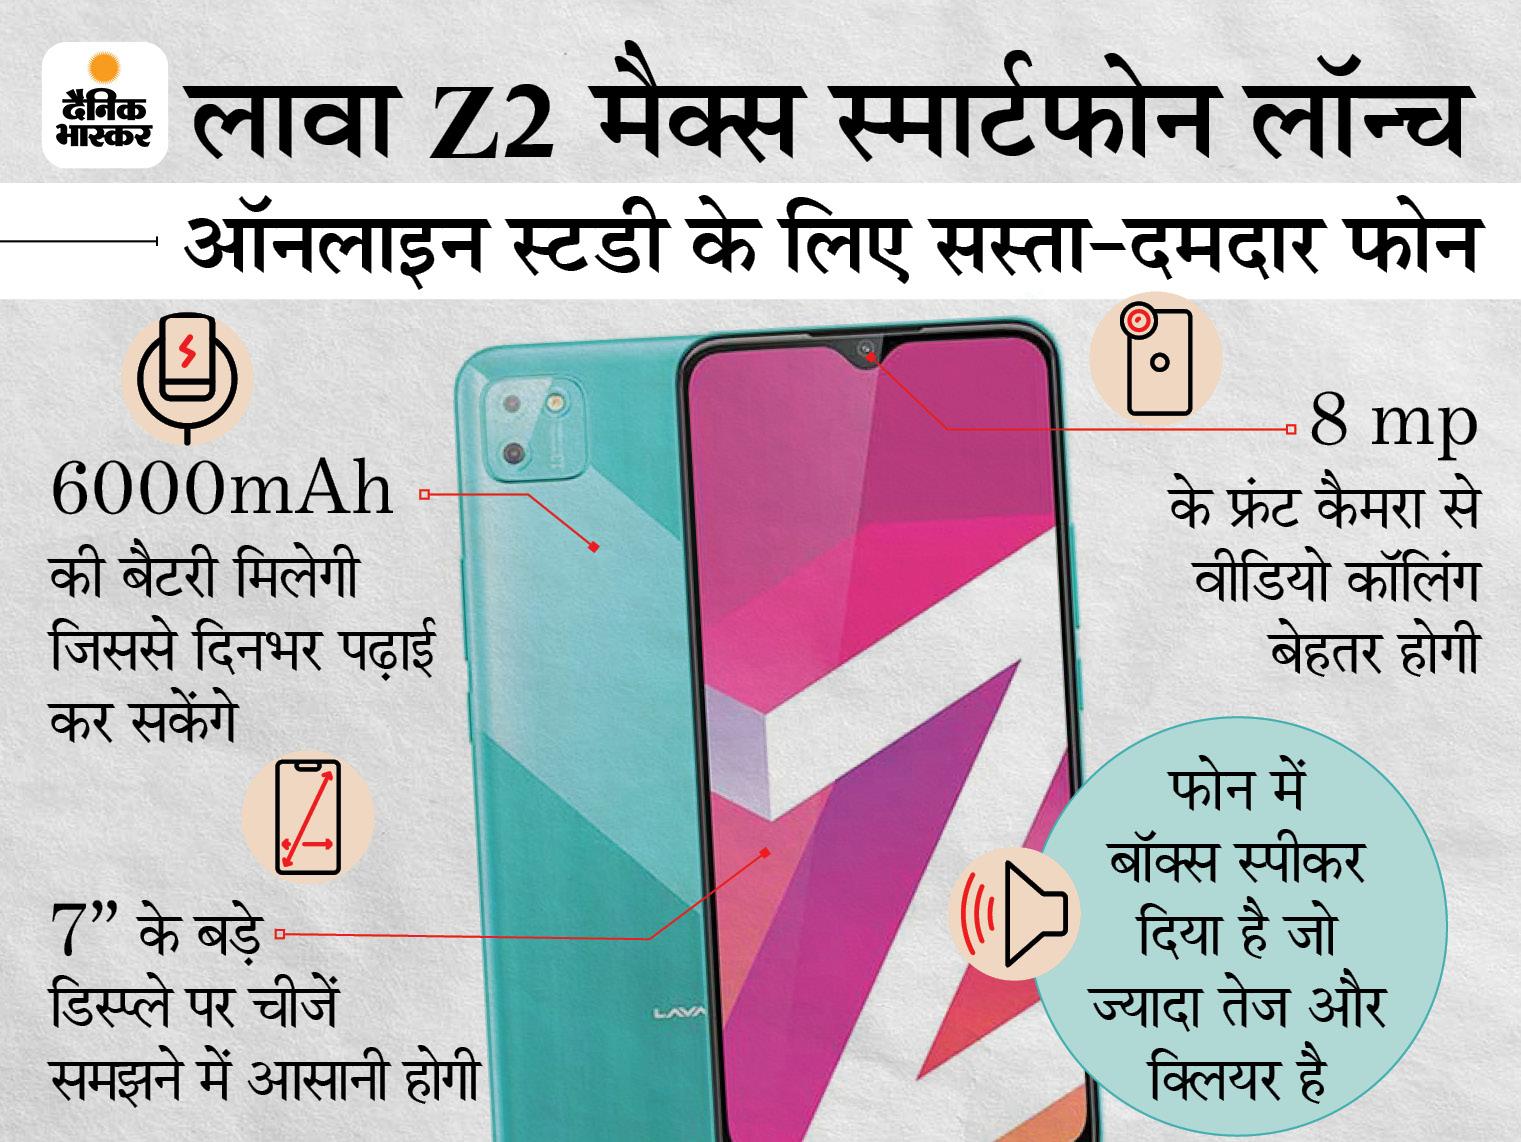 लावा ने लॉन्च किया 7-इंच डिस्प्ले वाला Z2 मैक्स, इसमें 6000mAh की बैटरी मिलेगी; कीमत 7799 रुपए|टेक & ऑटो,Tech & Auto - Dainik Bhaskar